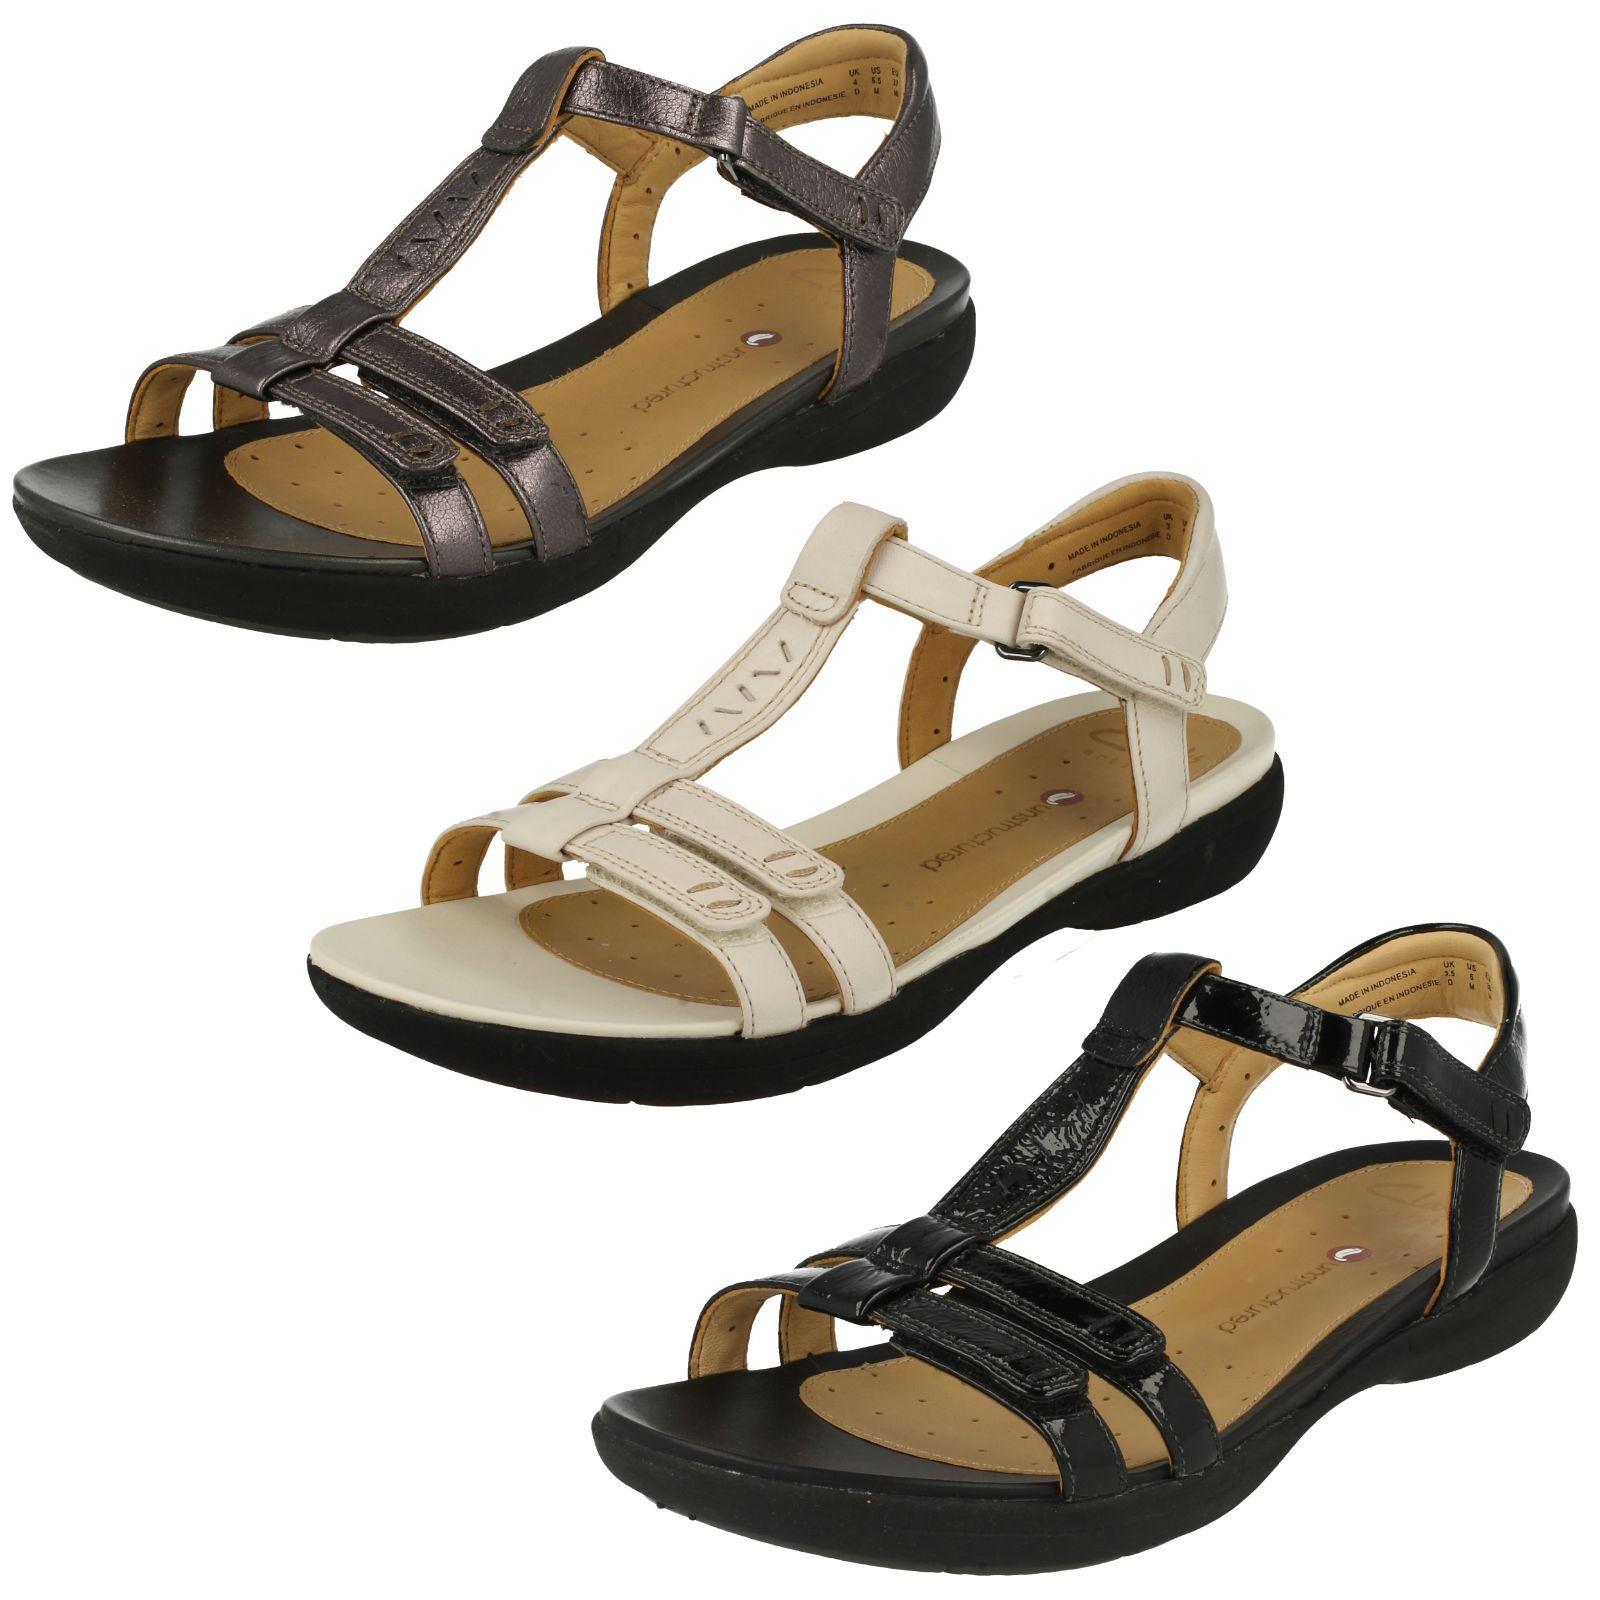 6e64f3435e6f6 Details about Ladies Clarks Unstructured Sandals  Un Vaze